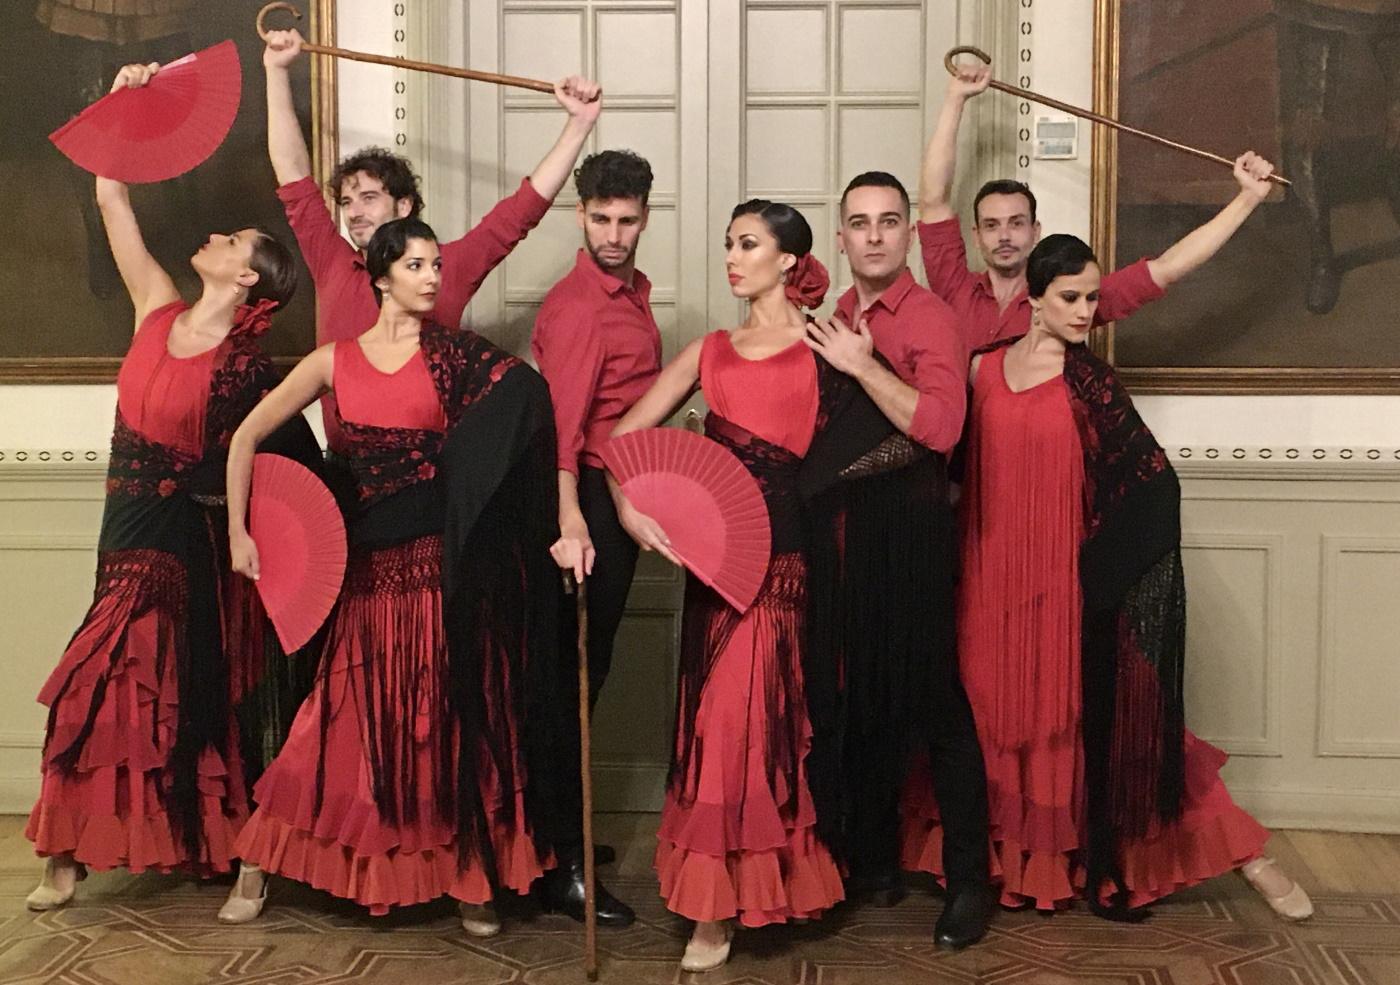 Danza española de la mano de Dancem en el Castillo de Viñuelas